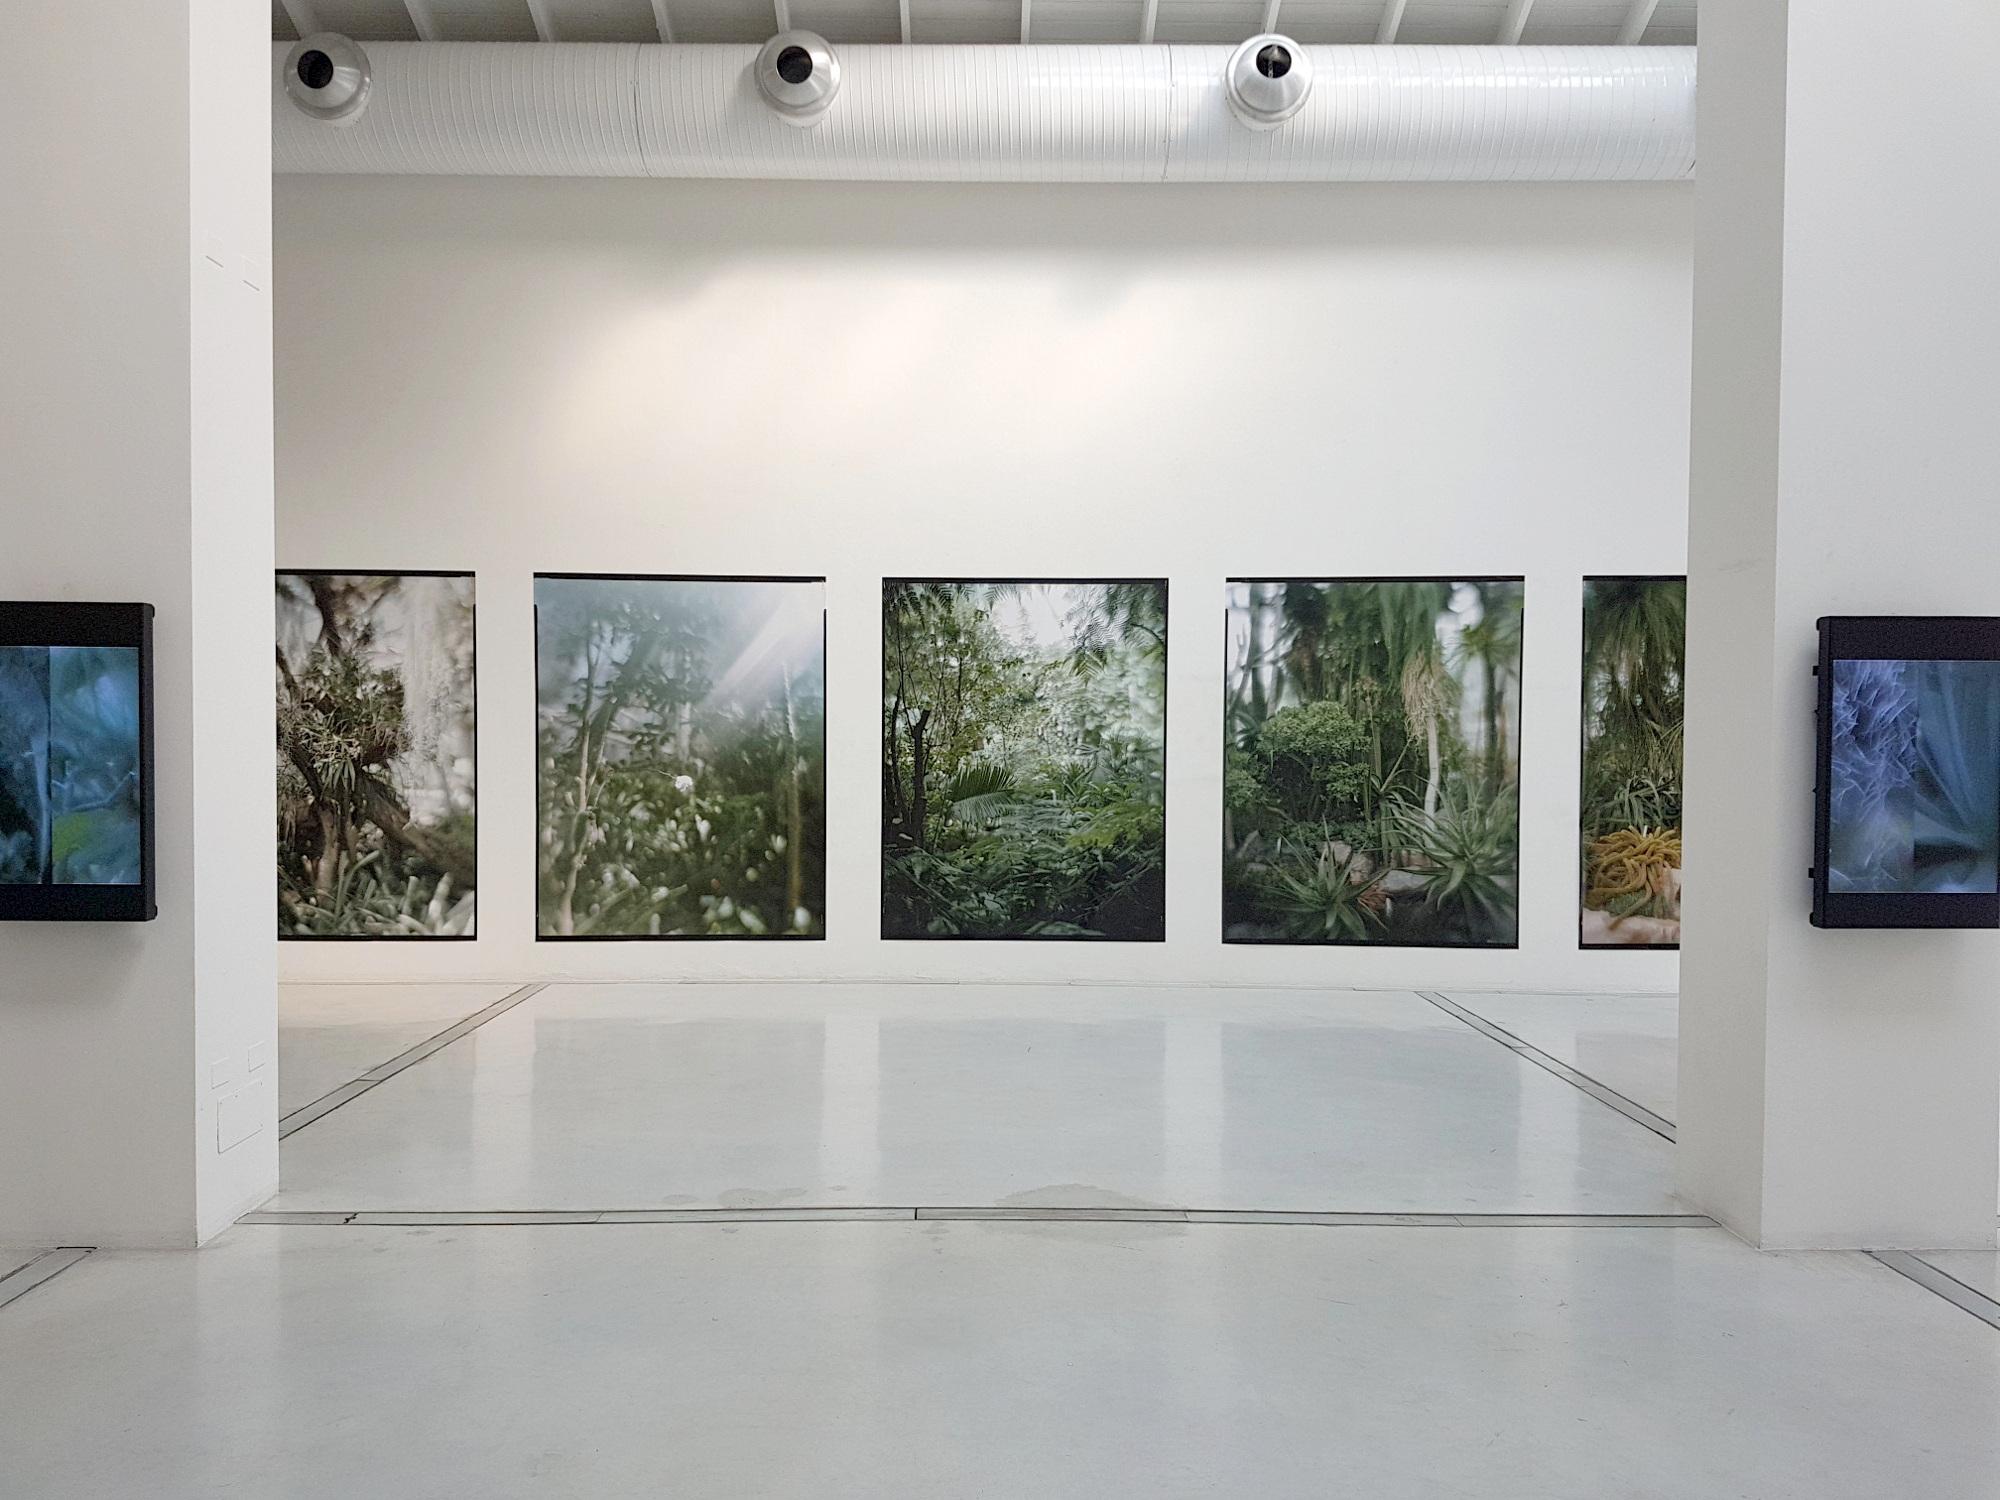 Vincenzo Castella – Trame senza fissa dimora, 2018 - installation view